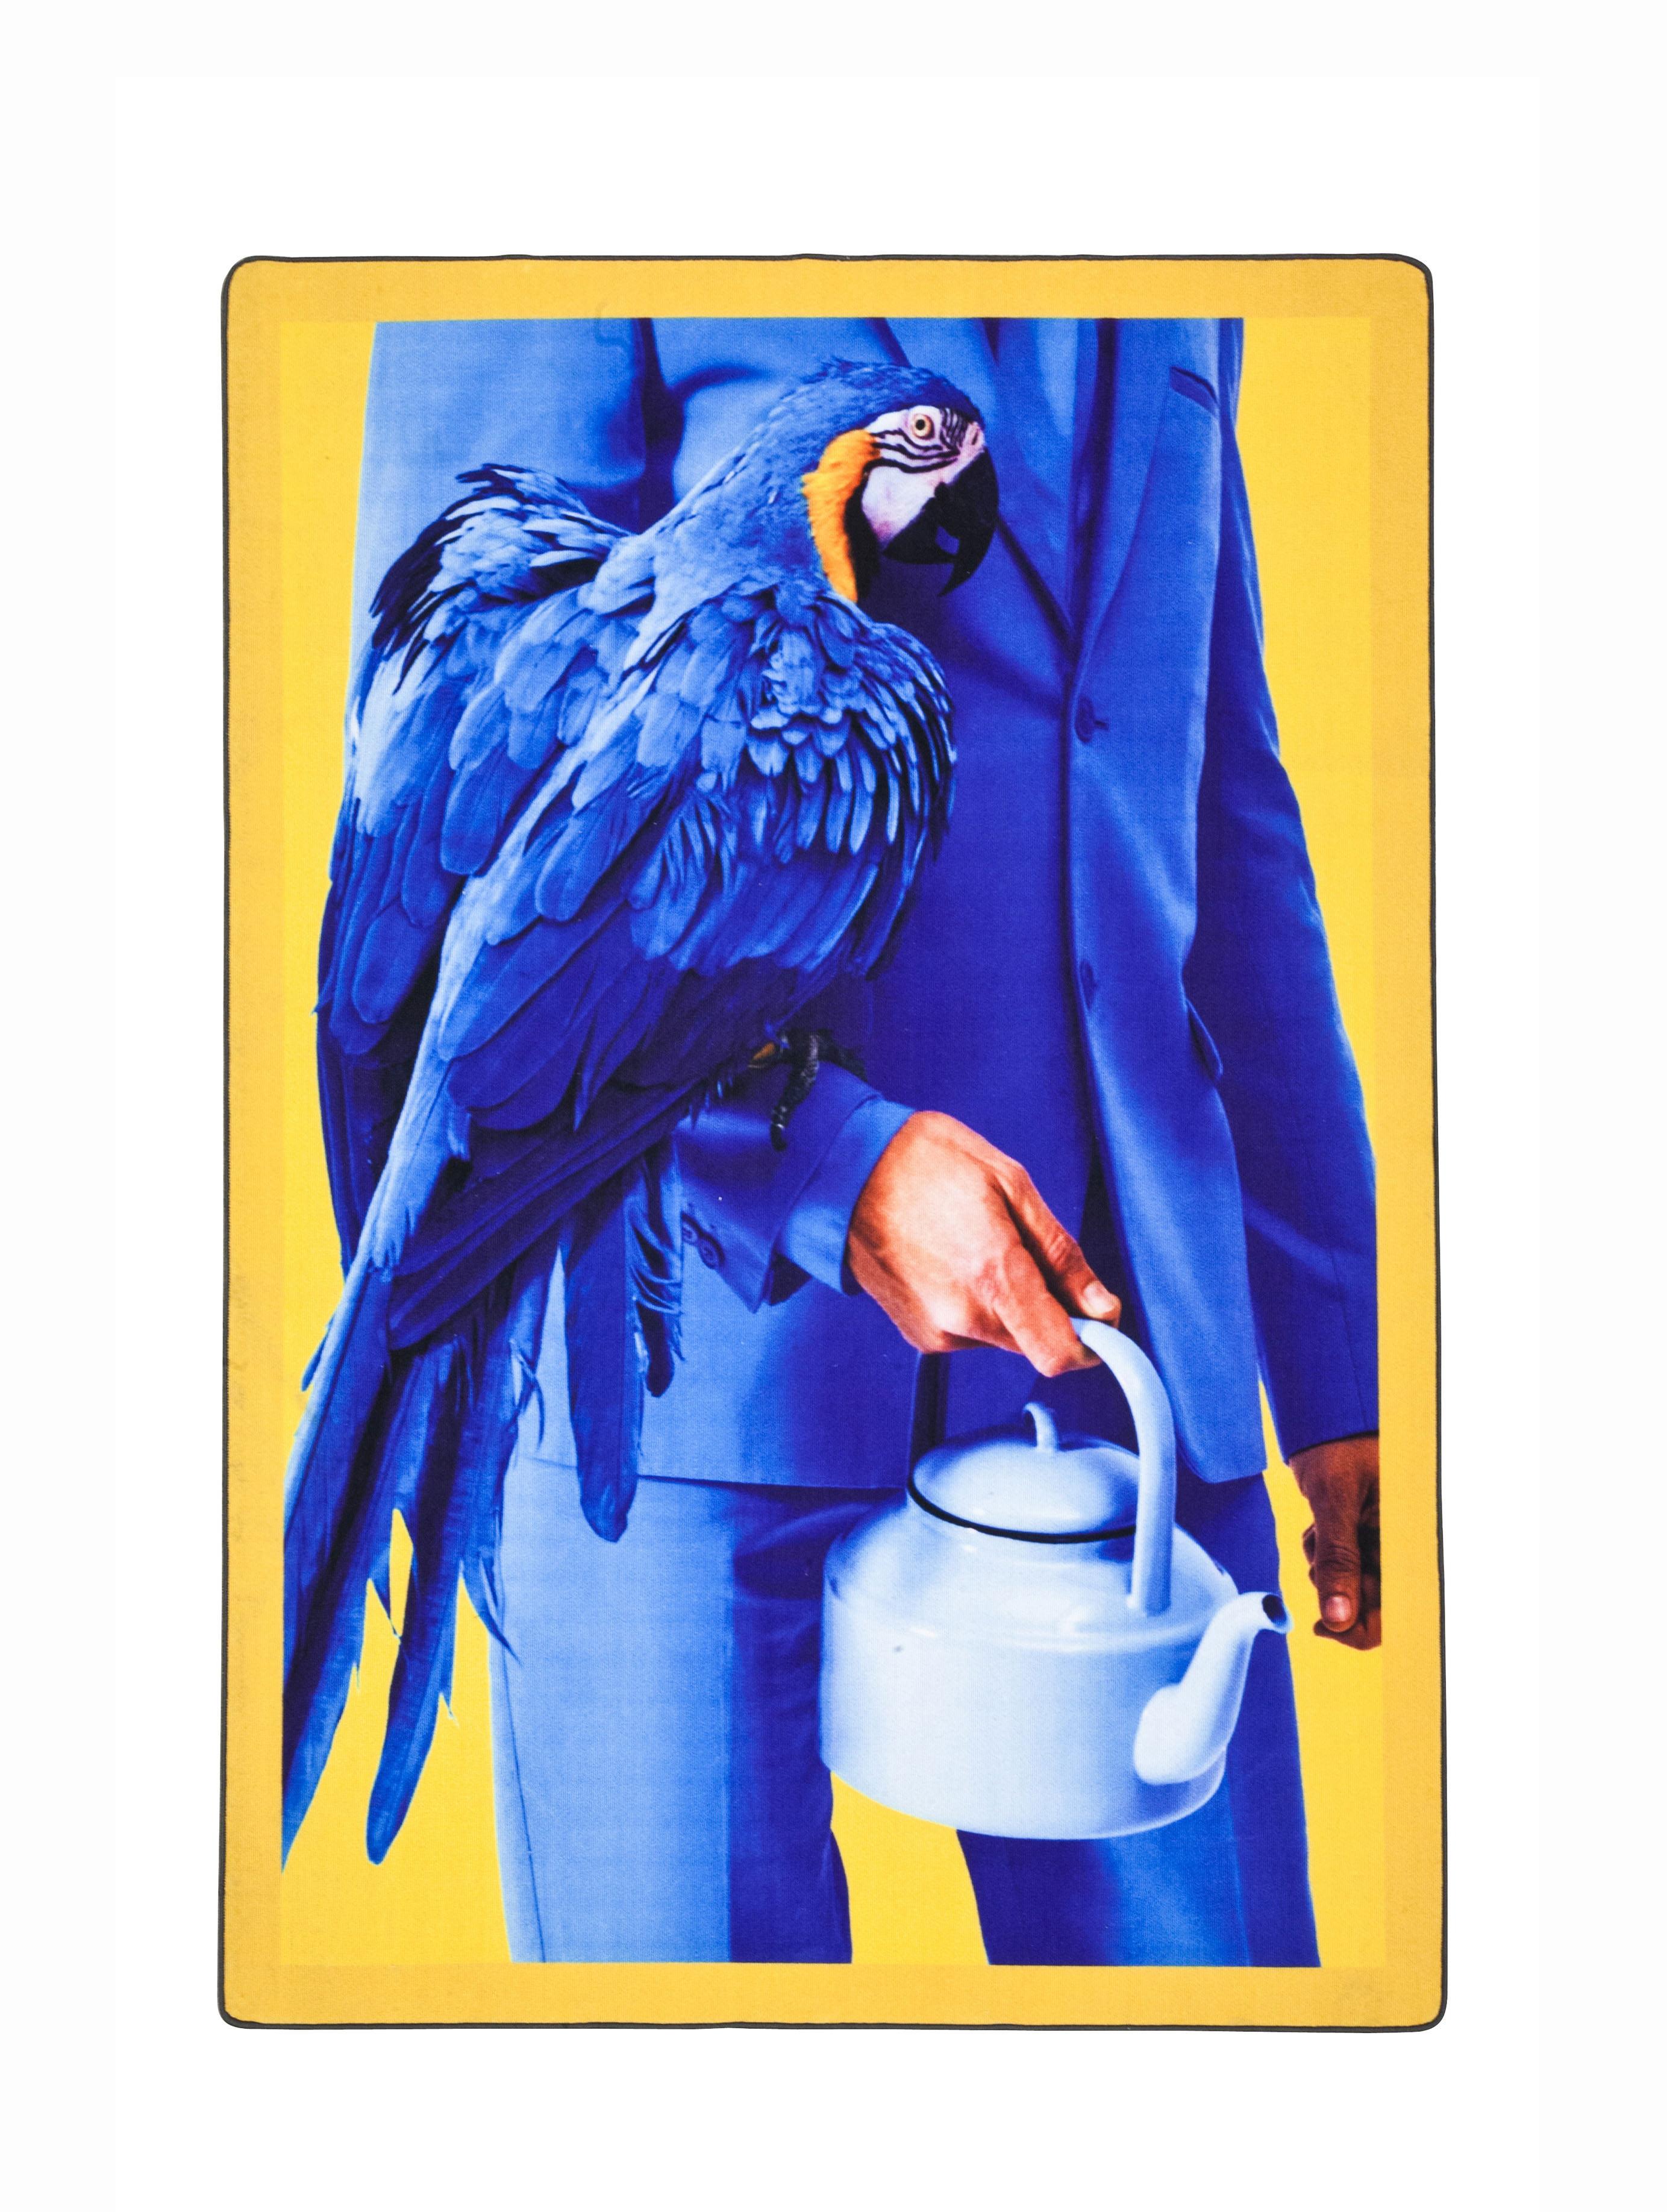 Le magazine TOILETPAPER (Maurizio Cattelan et  Pierpaolo Ferrari) tapisse les murs de la galerie Perrotin